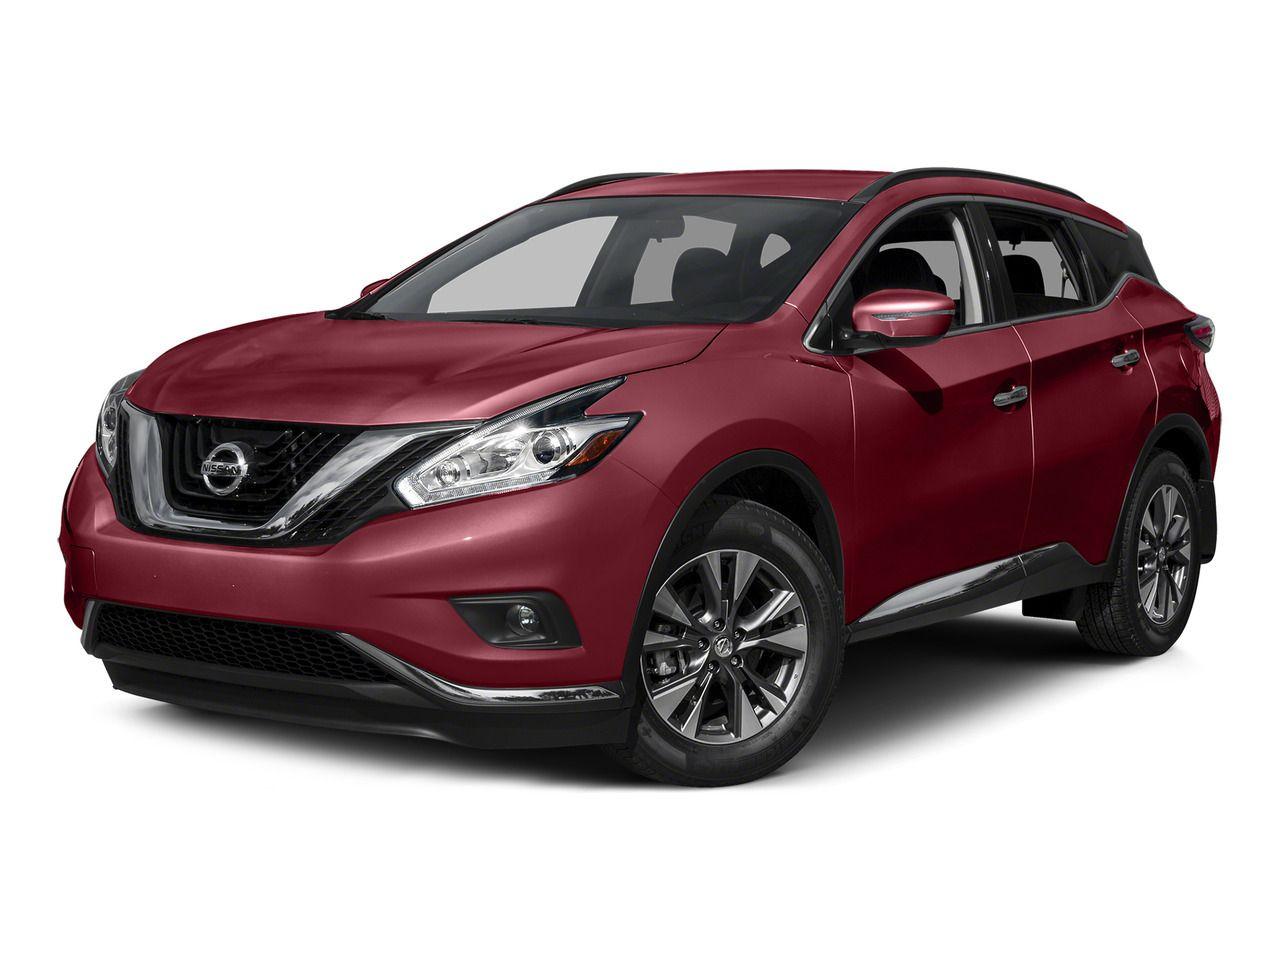 2015 Nissan Murano Image